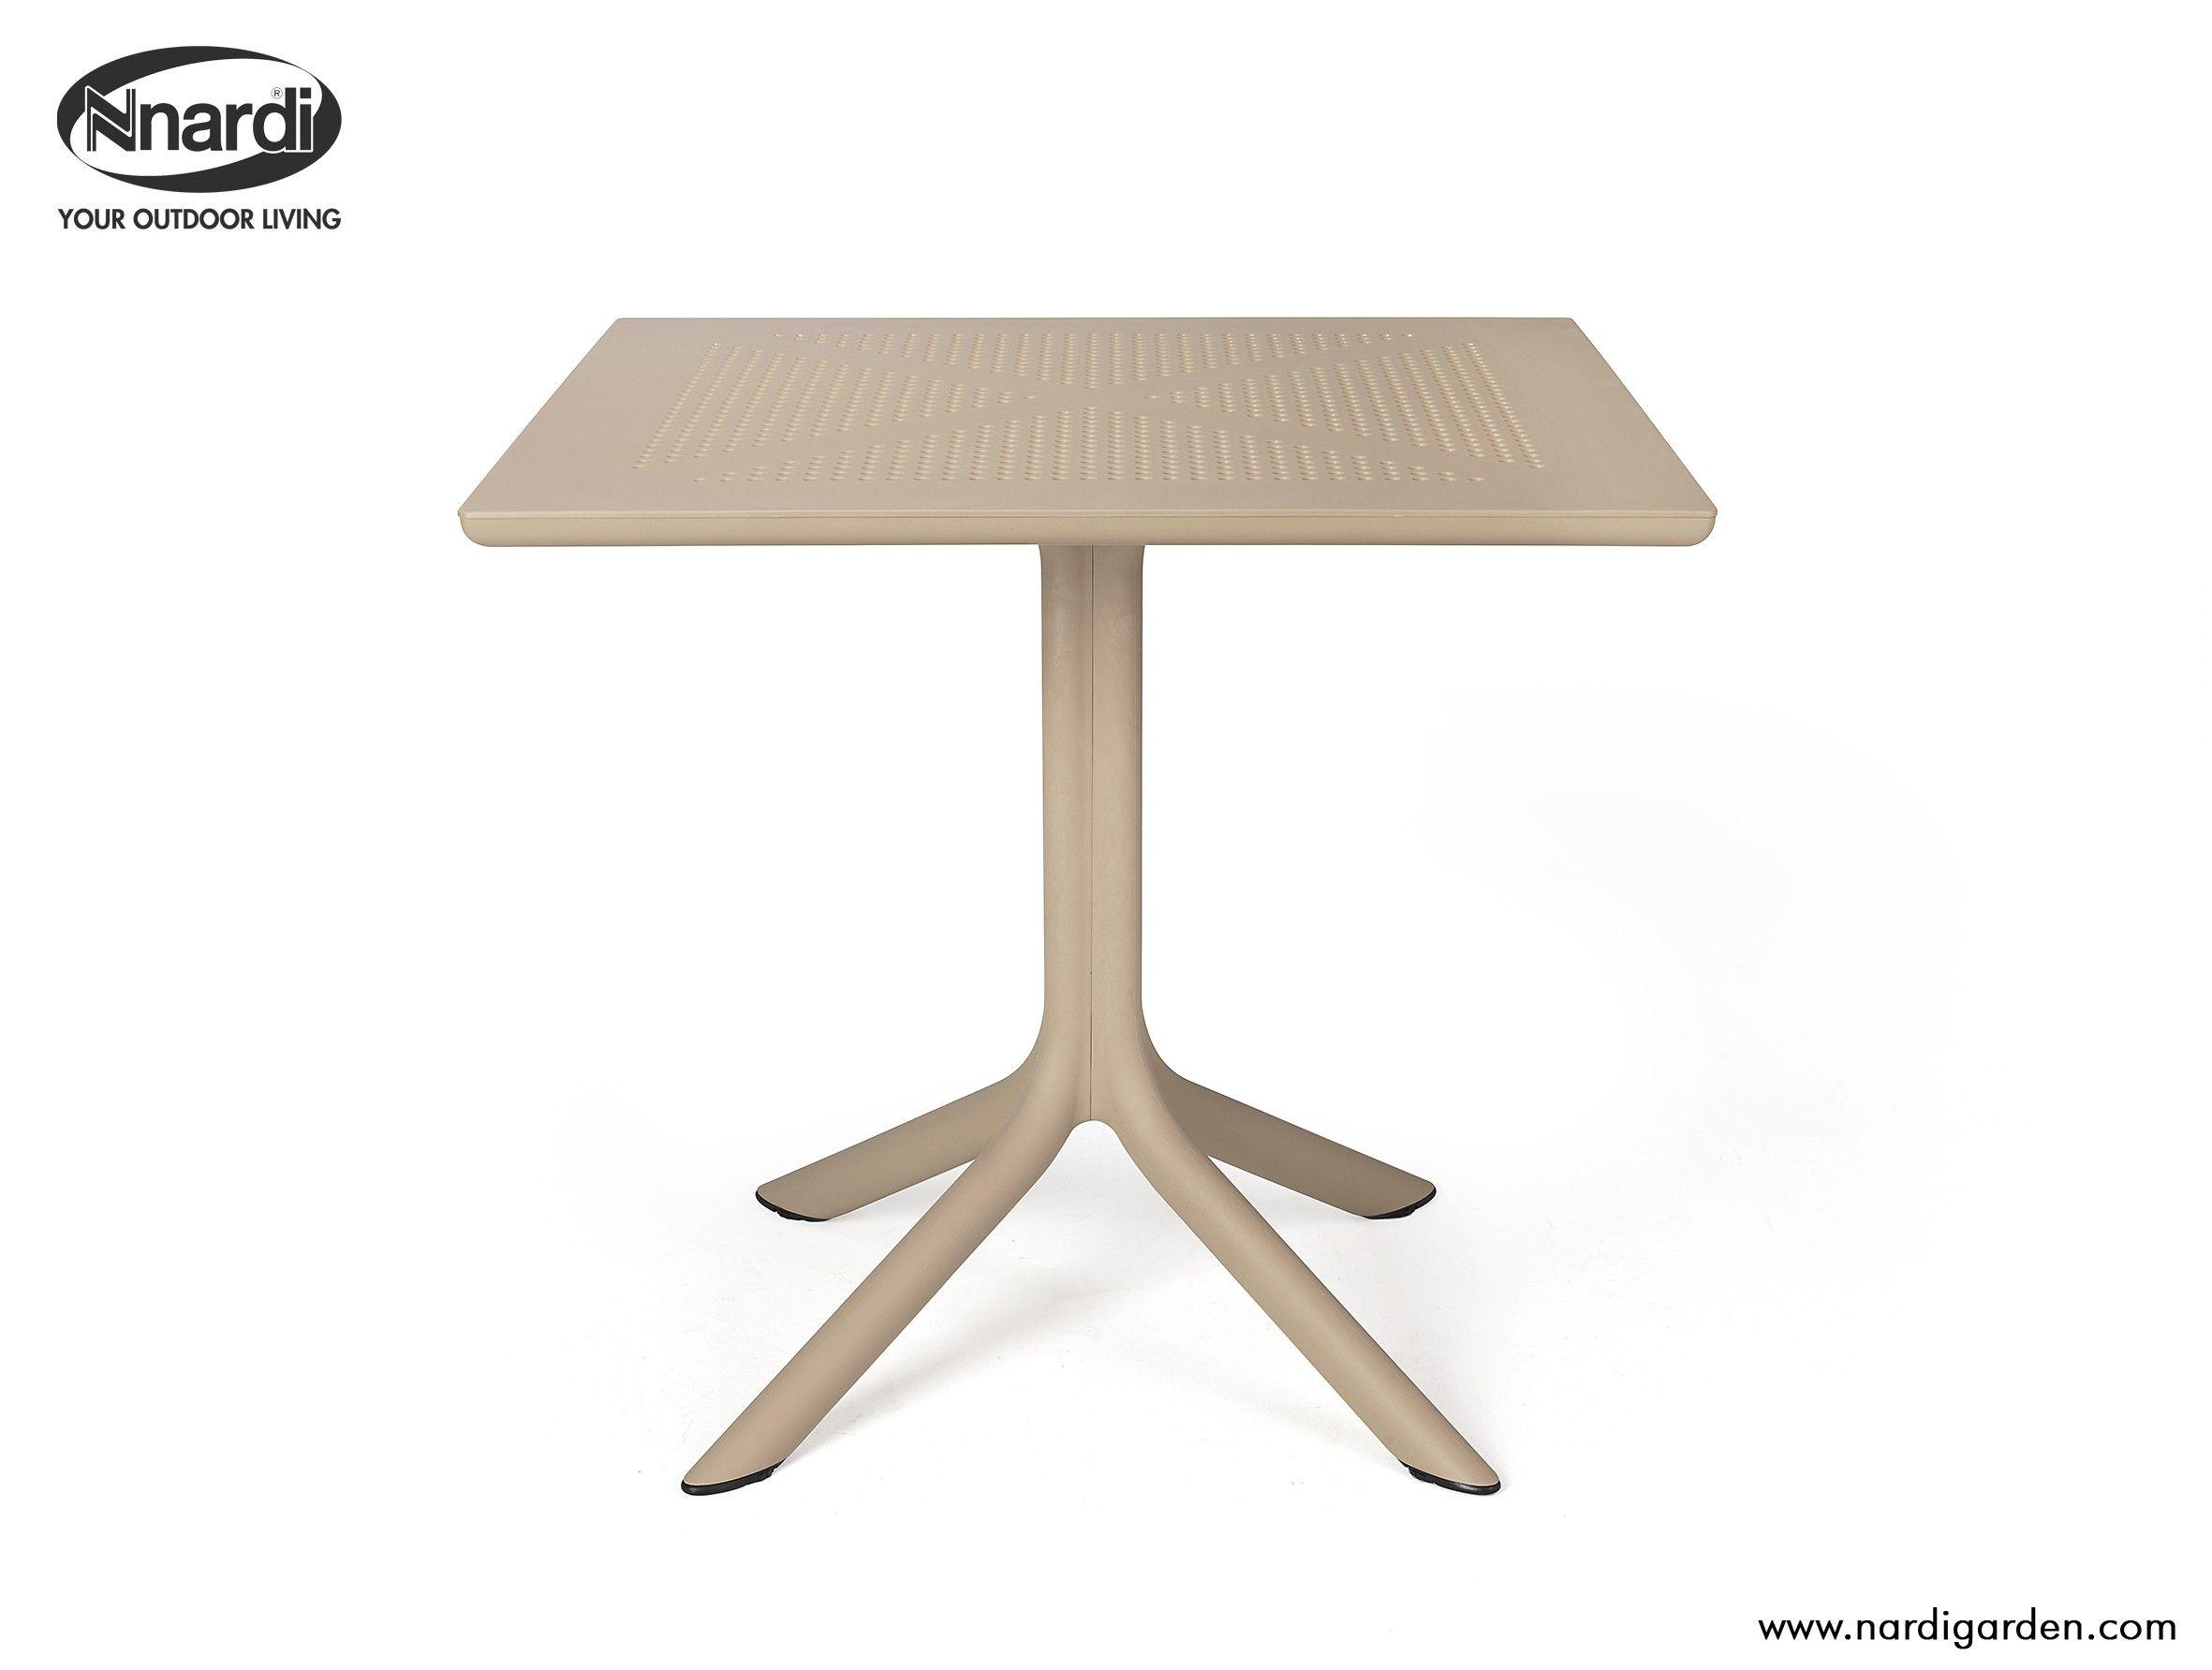 Clip Outdoor Tisch Quadratisch Von Nardi In Vier Verschiedenen Farben Mobel Gartenmobel Lounge Set Gartentisch